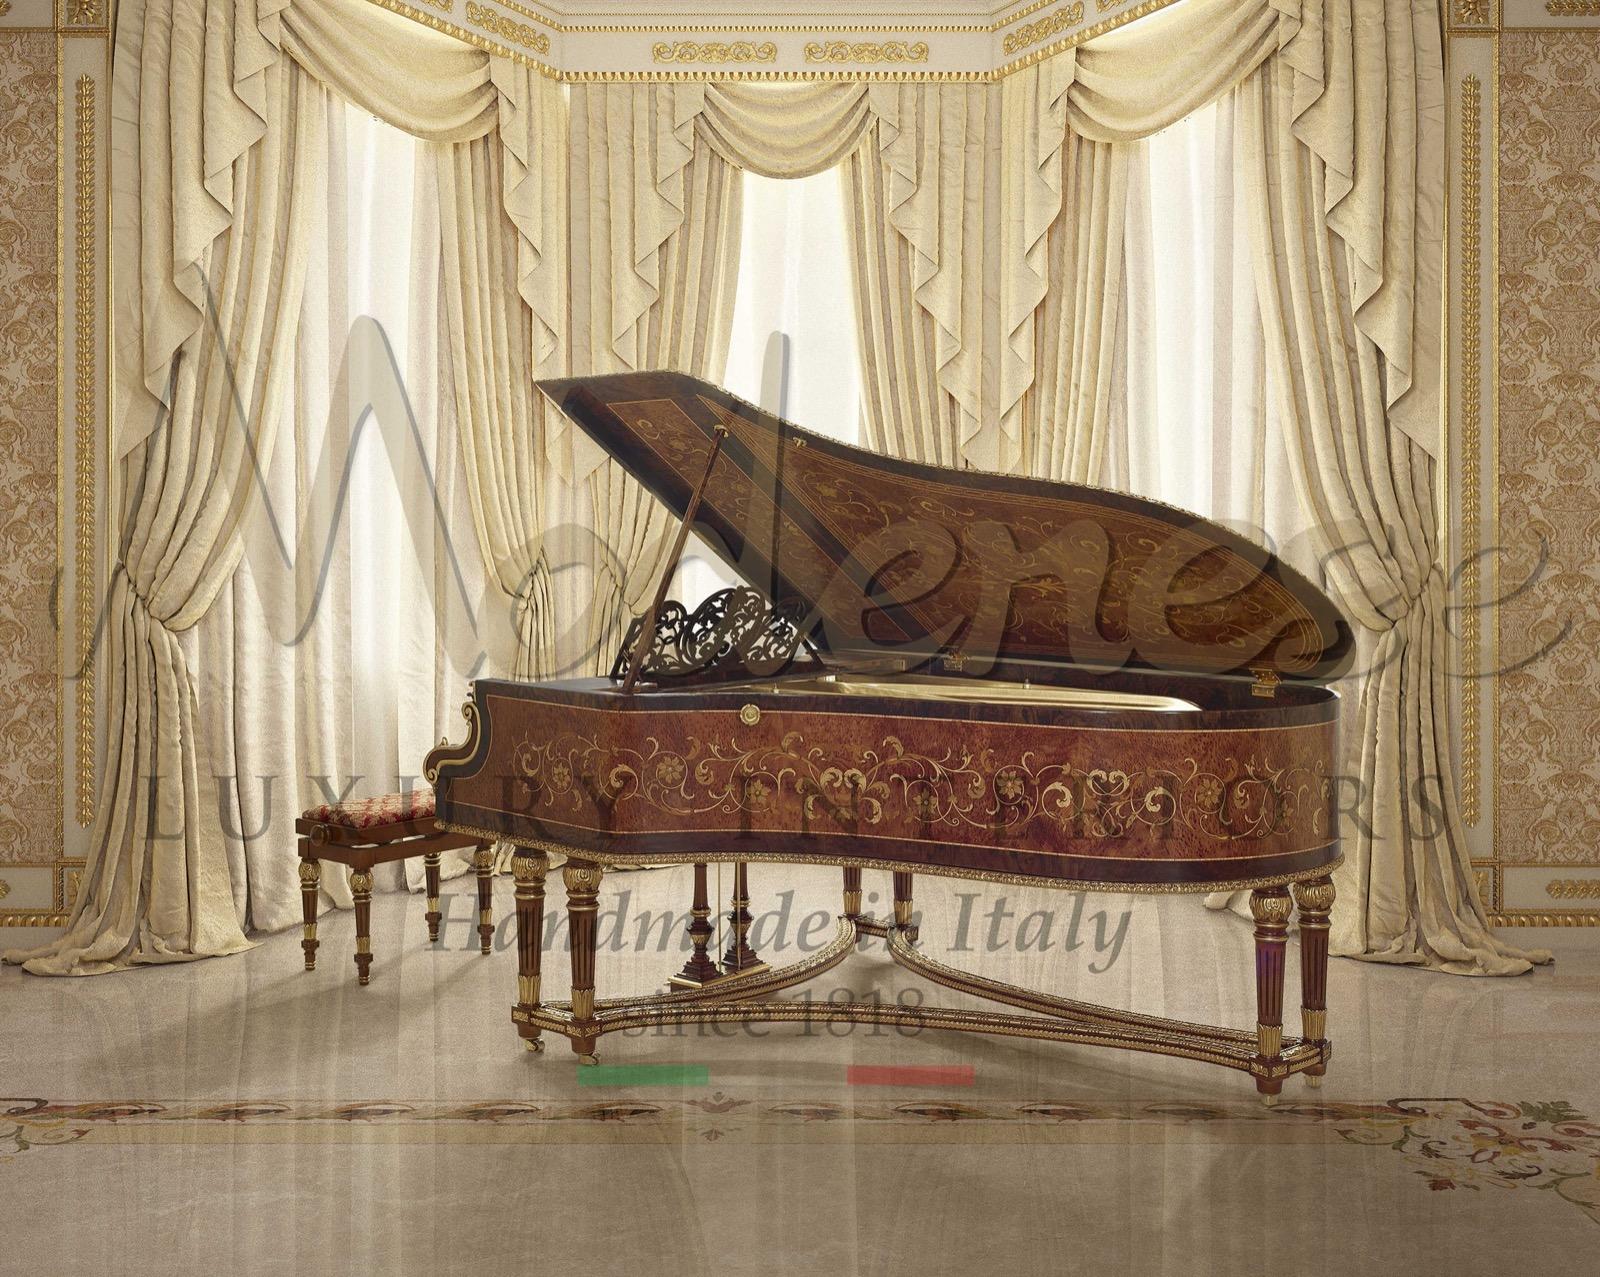 реставрация роскошное пианино украшение ручной работы 3D инкрустация сусальное золото индивидуальный декор вилла дворец производство ремесленники мастерство королевский дизайн